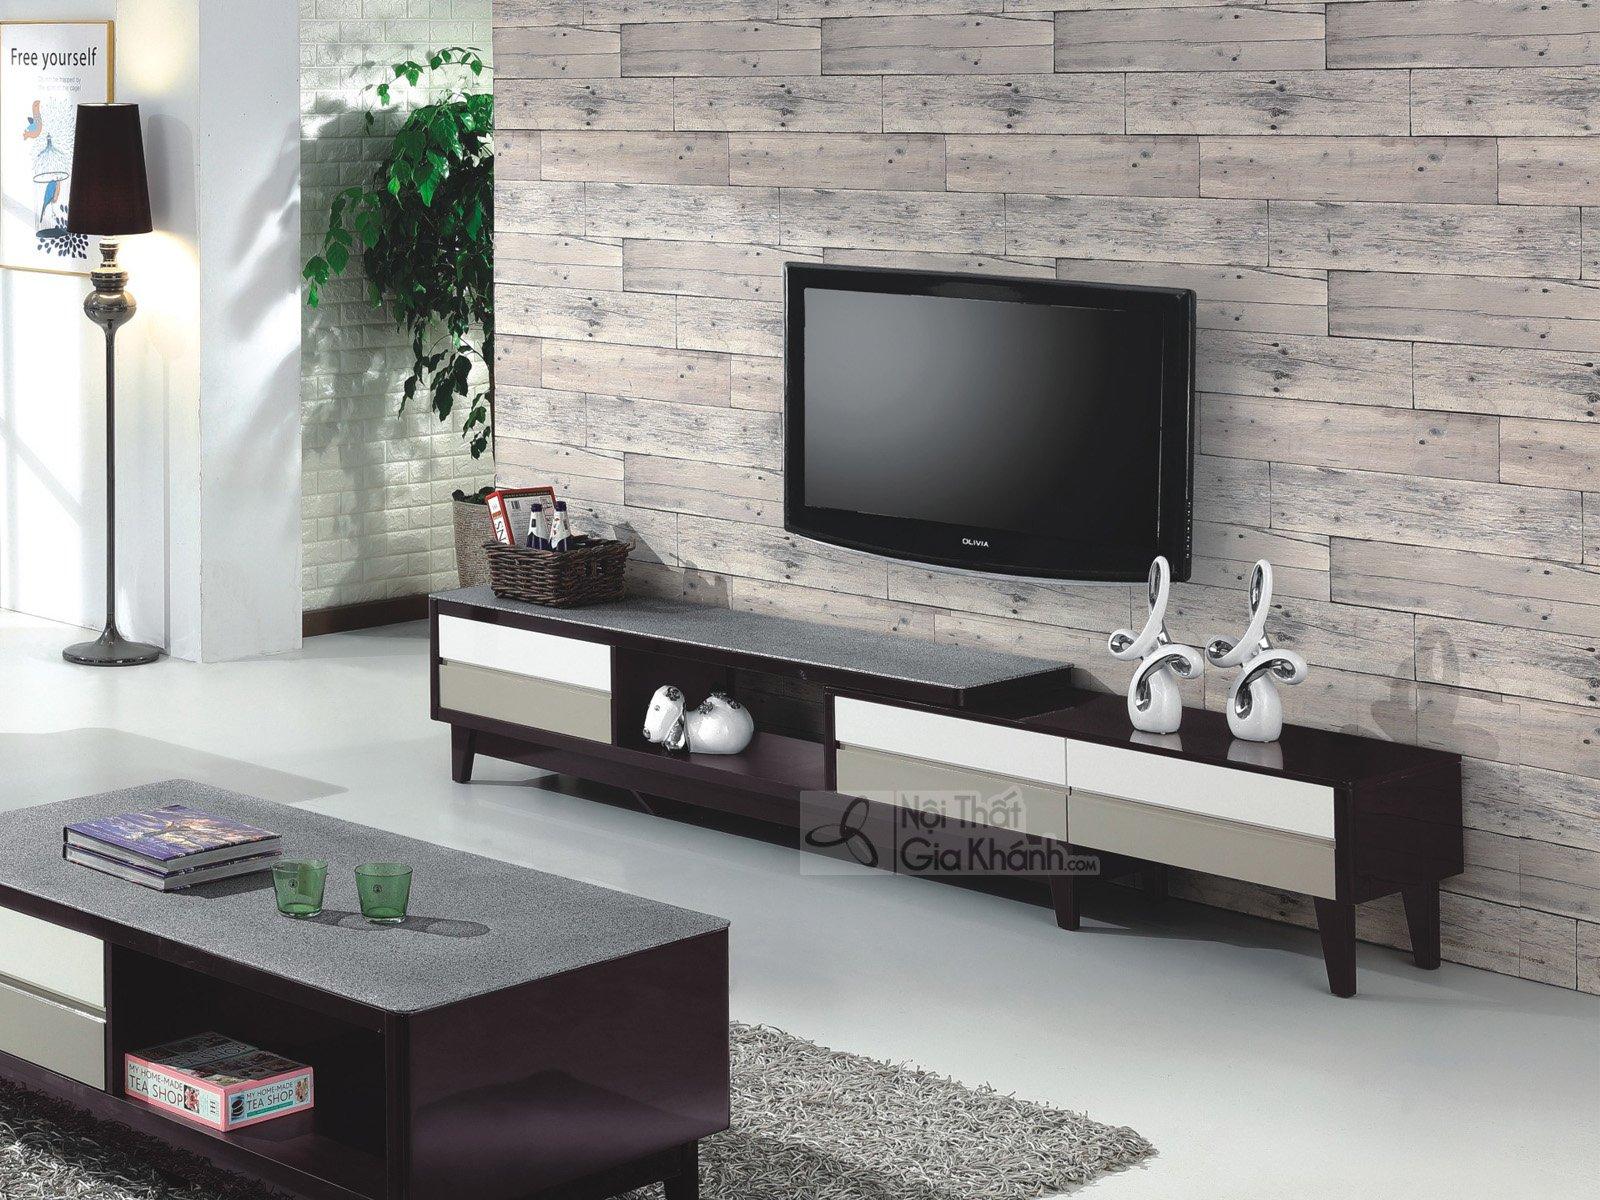 Xem ngay kích thước kệ tivi gỗ hiện đại và tân cổ điển chuẩn mới 2019 - kich thuoc ke tivi bang go